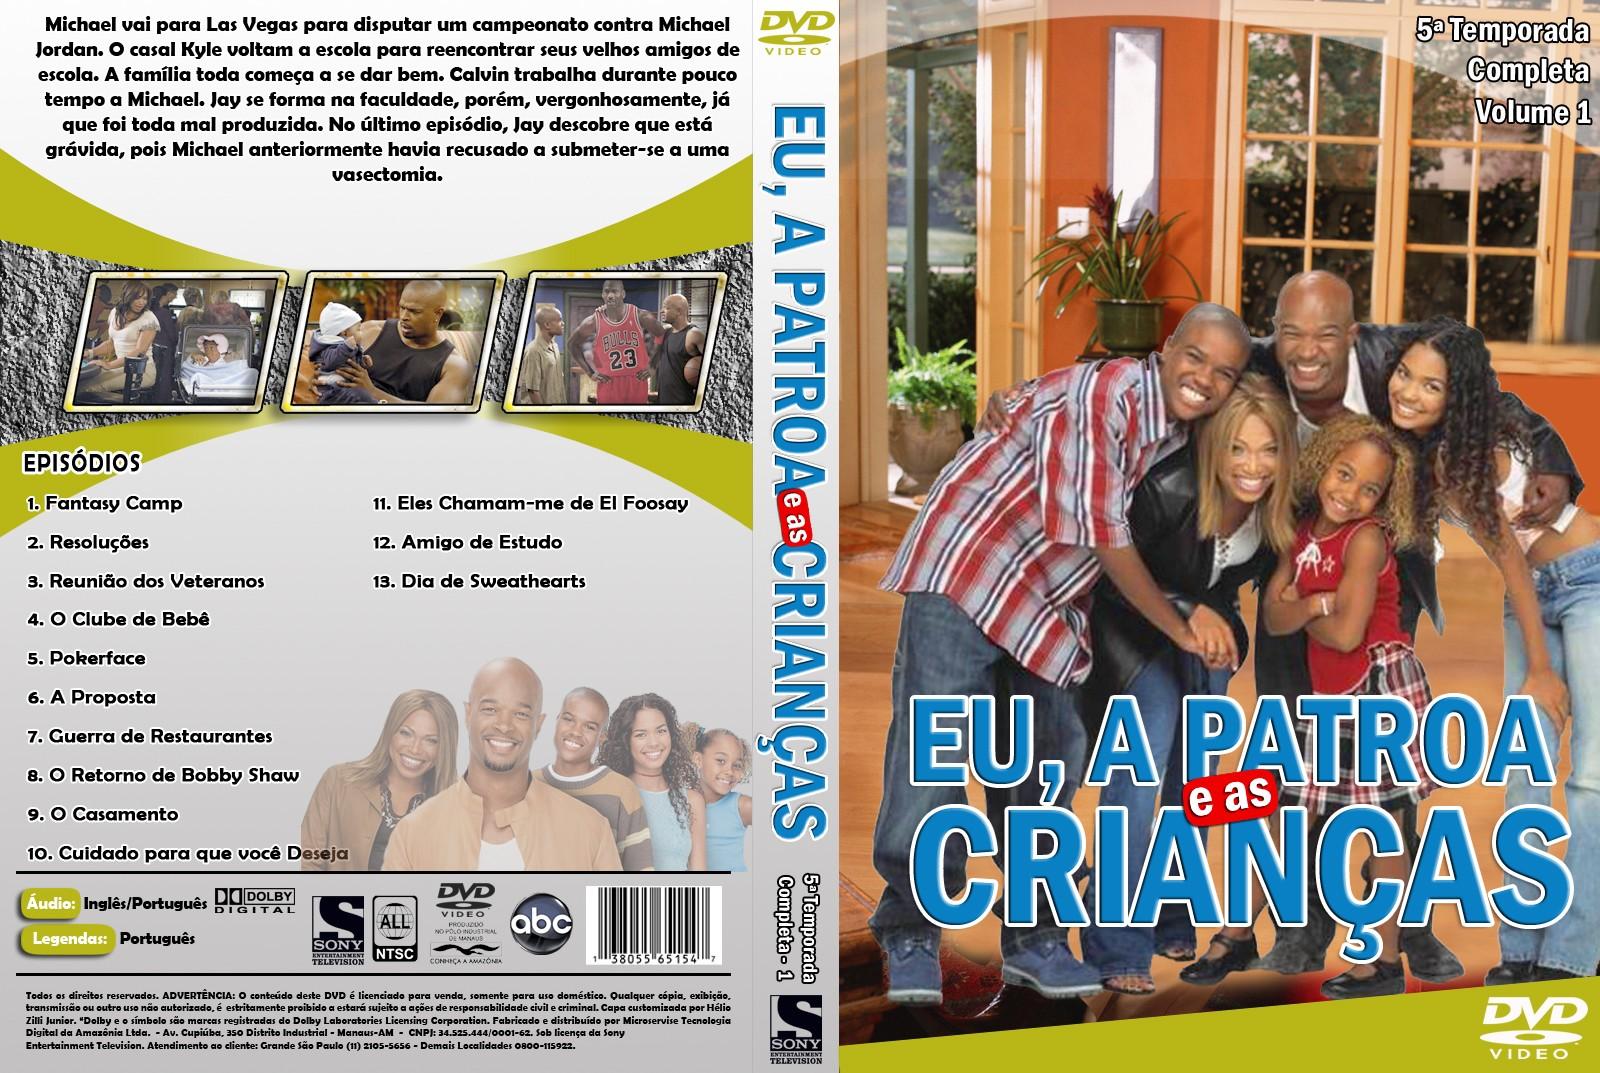 Eu, a Patroa e as Crianças 5° Temporada Completa Eu, a Patroa e as Crianças 5° Temporada Completa euapatroaeascrianc3a7as quintatemporada volume128custom29